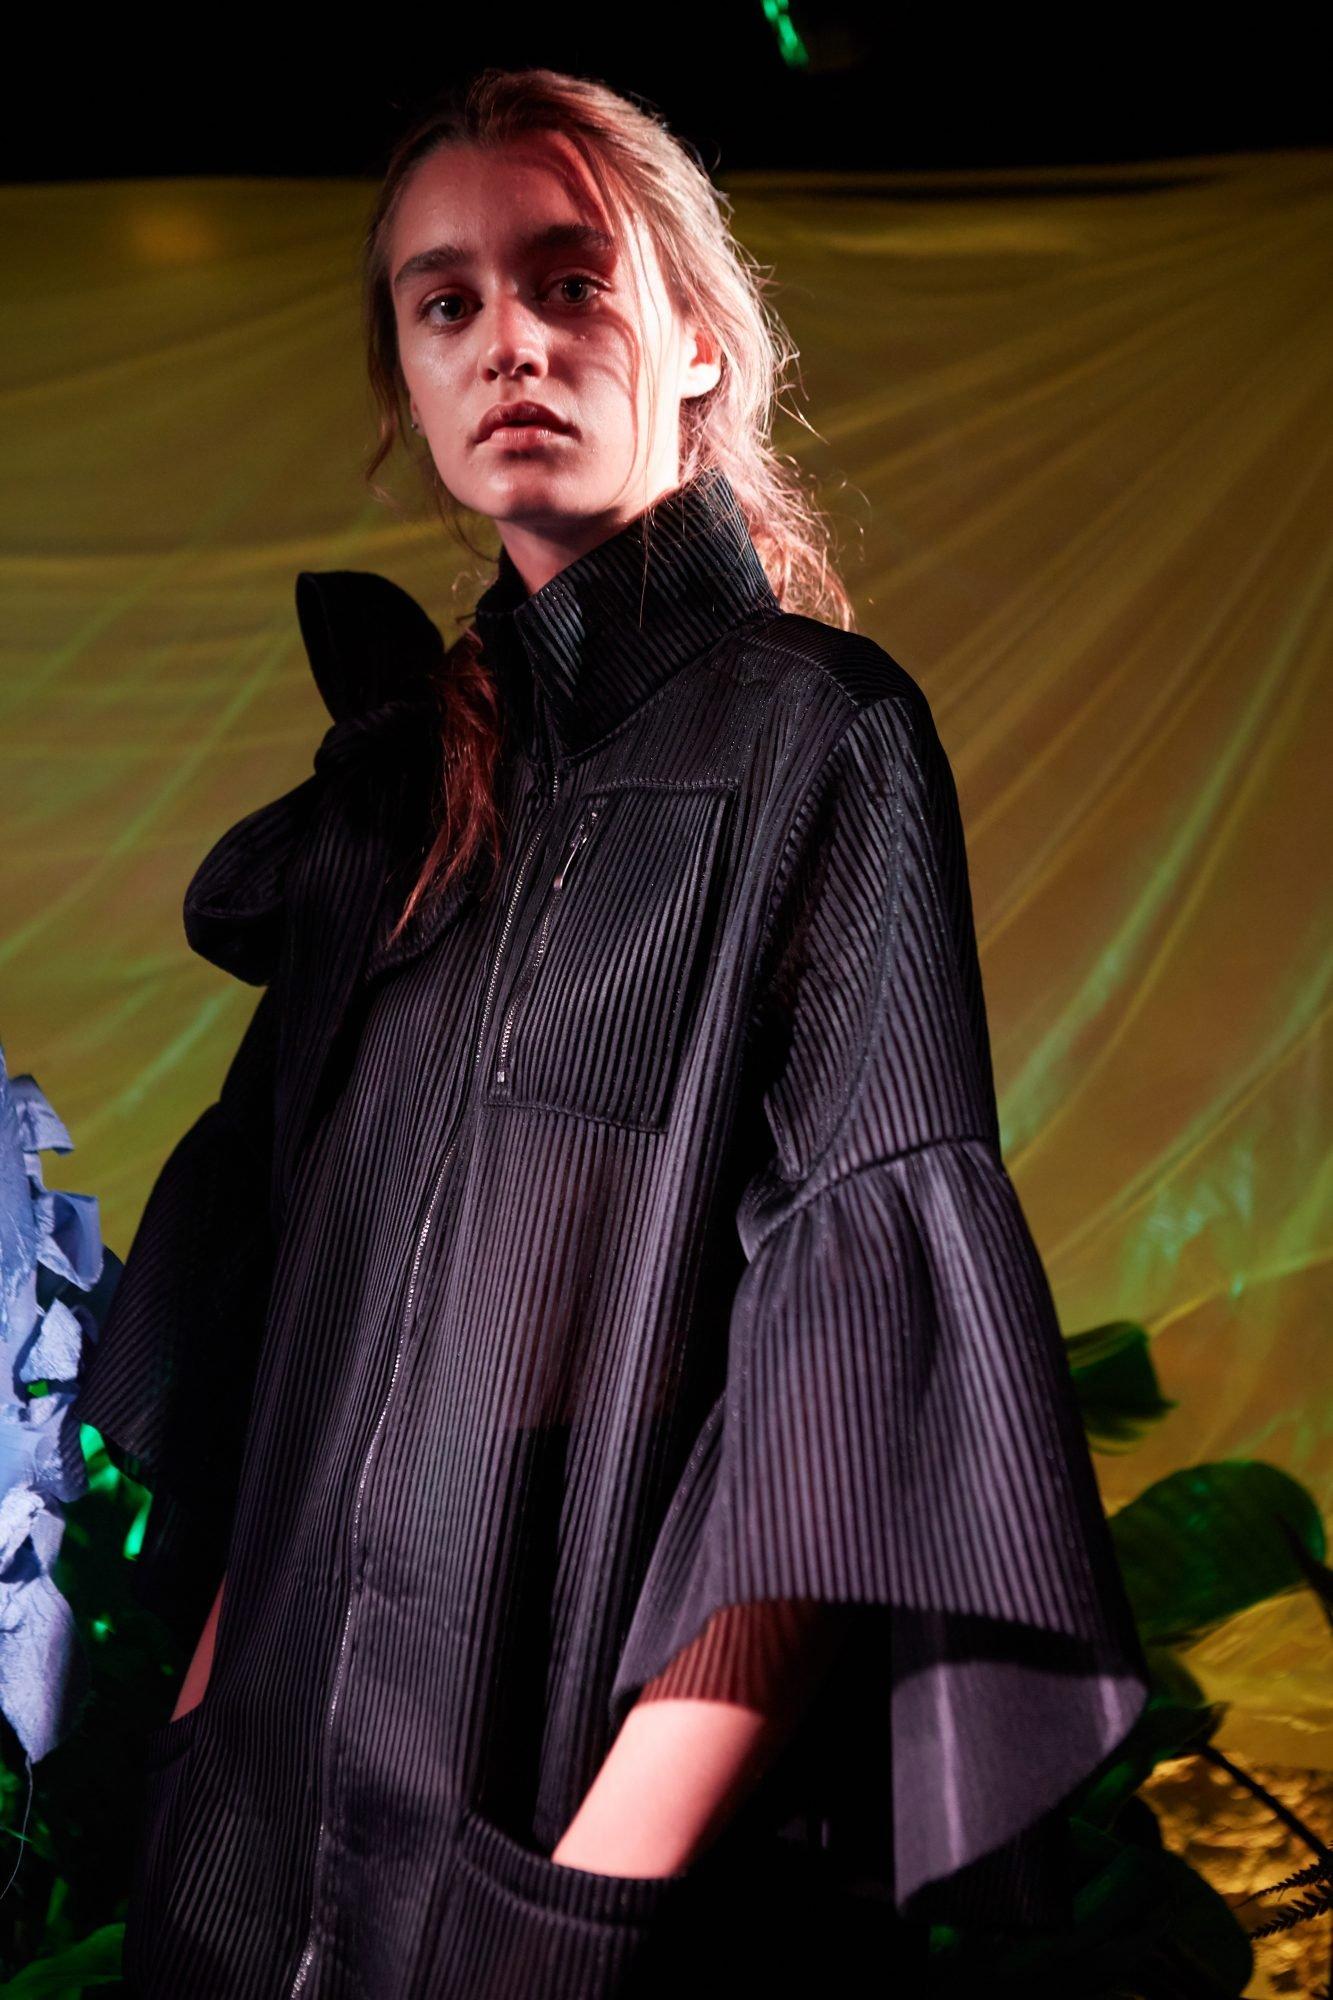 alexandra moura londres tecido preto